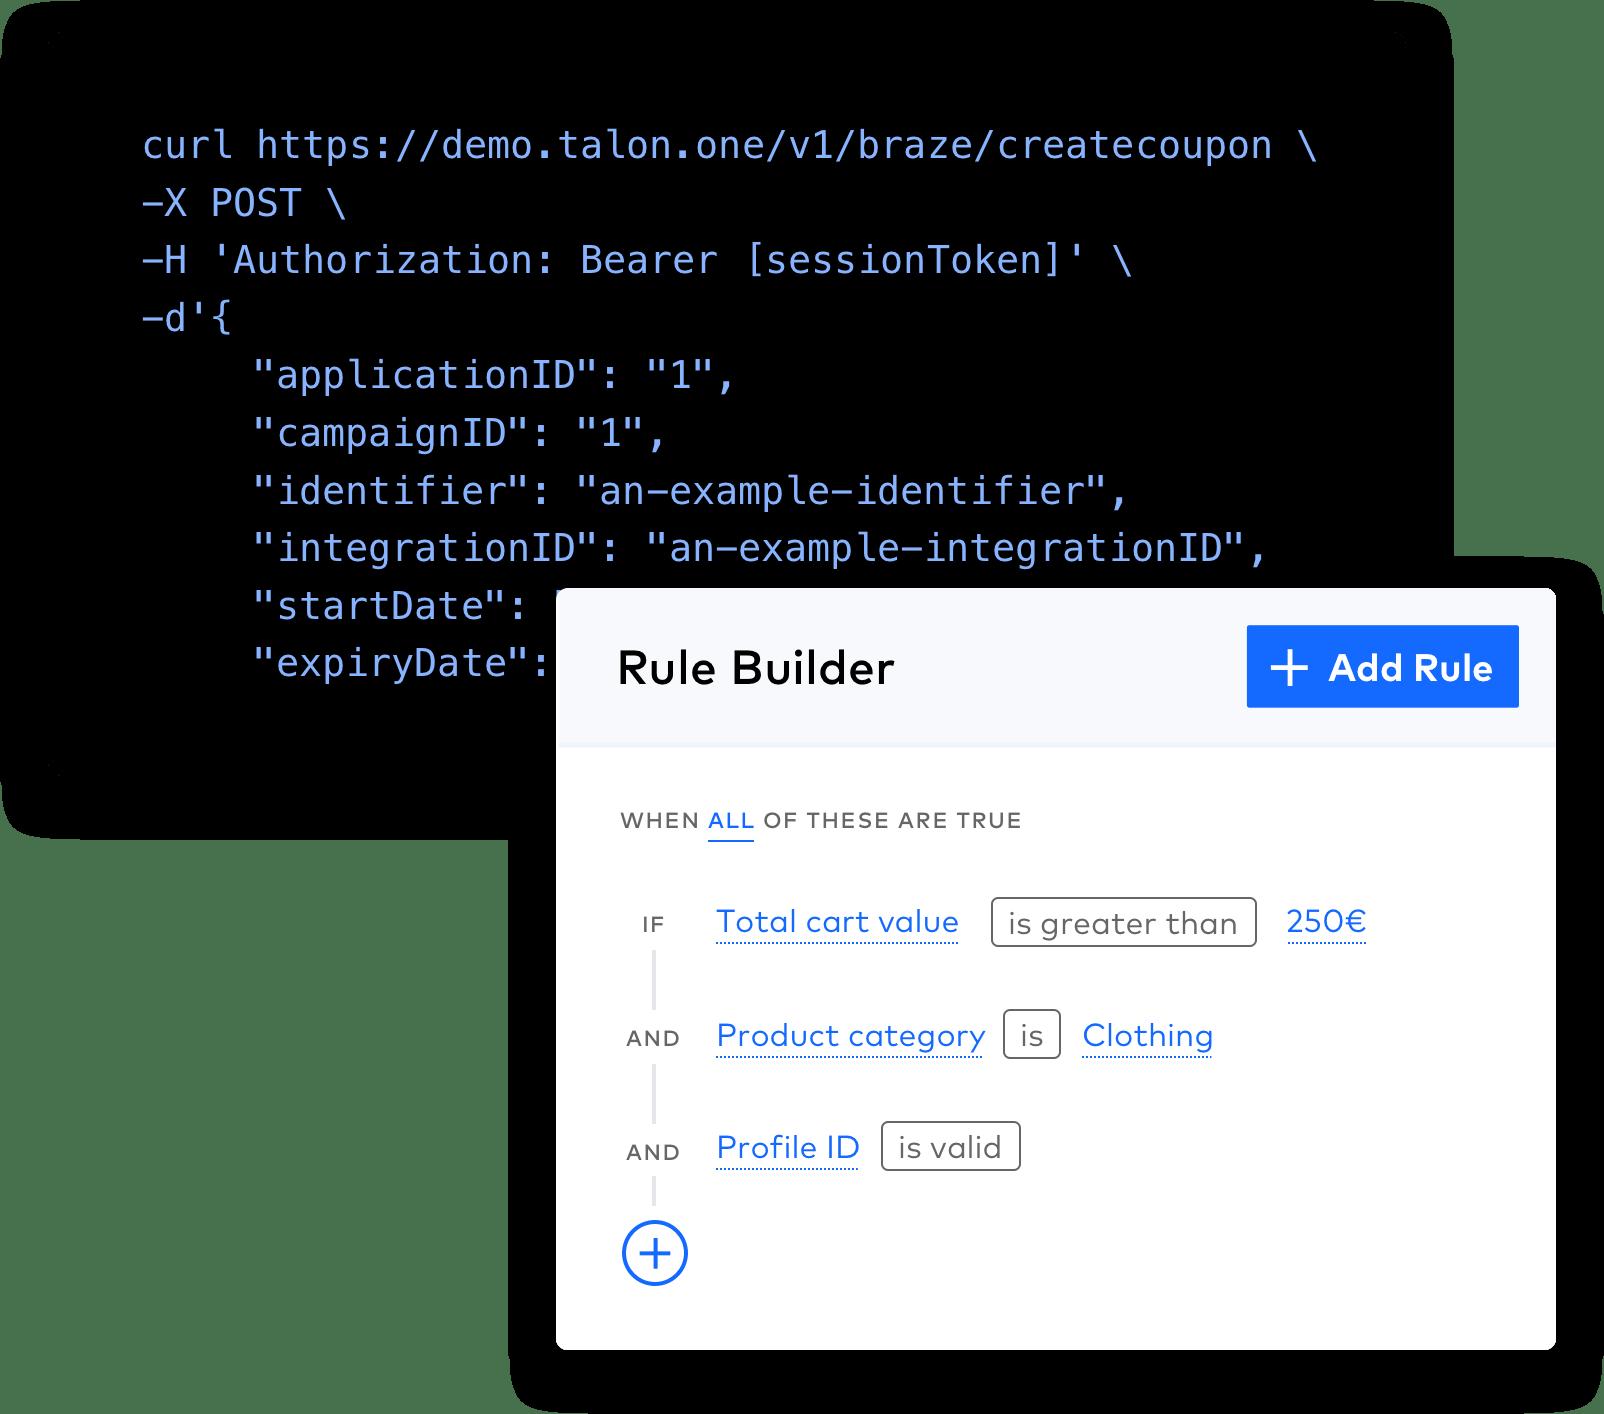 Rule Builder